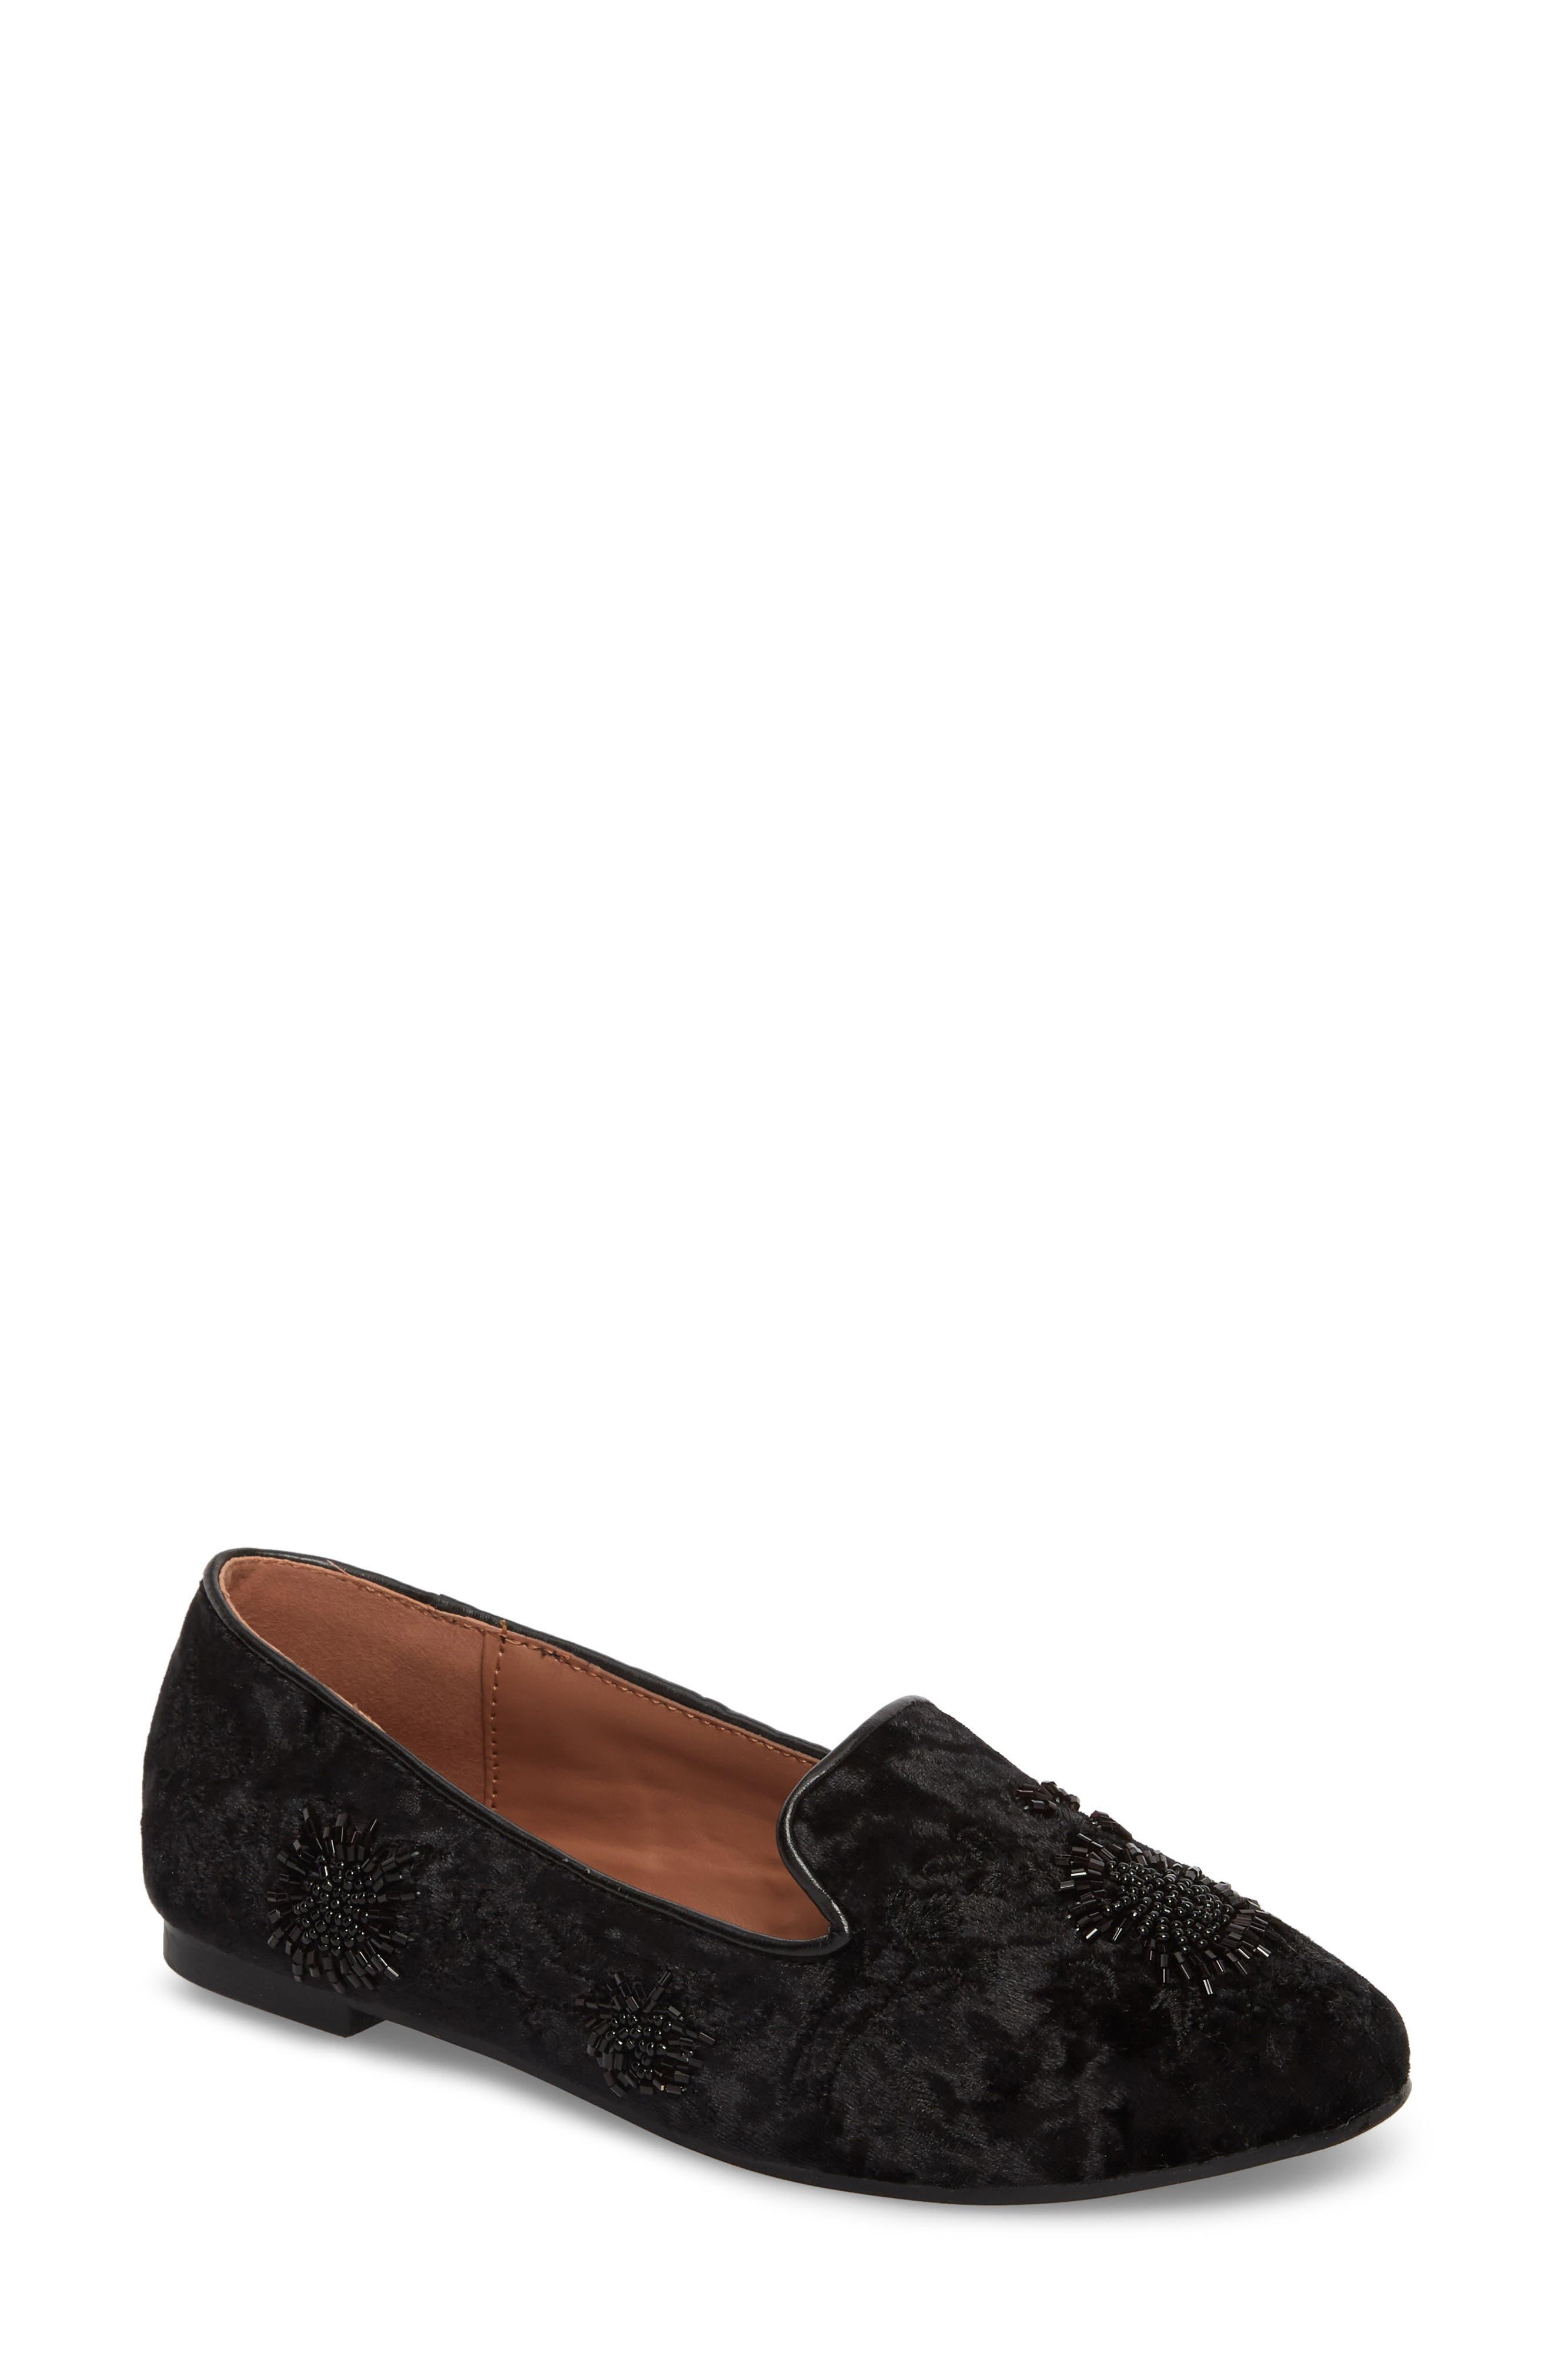 Topshop Syrup Embellished Loafer (Women)